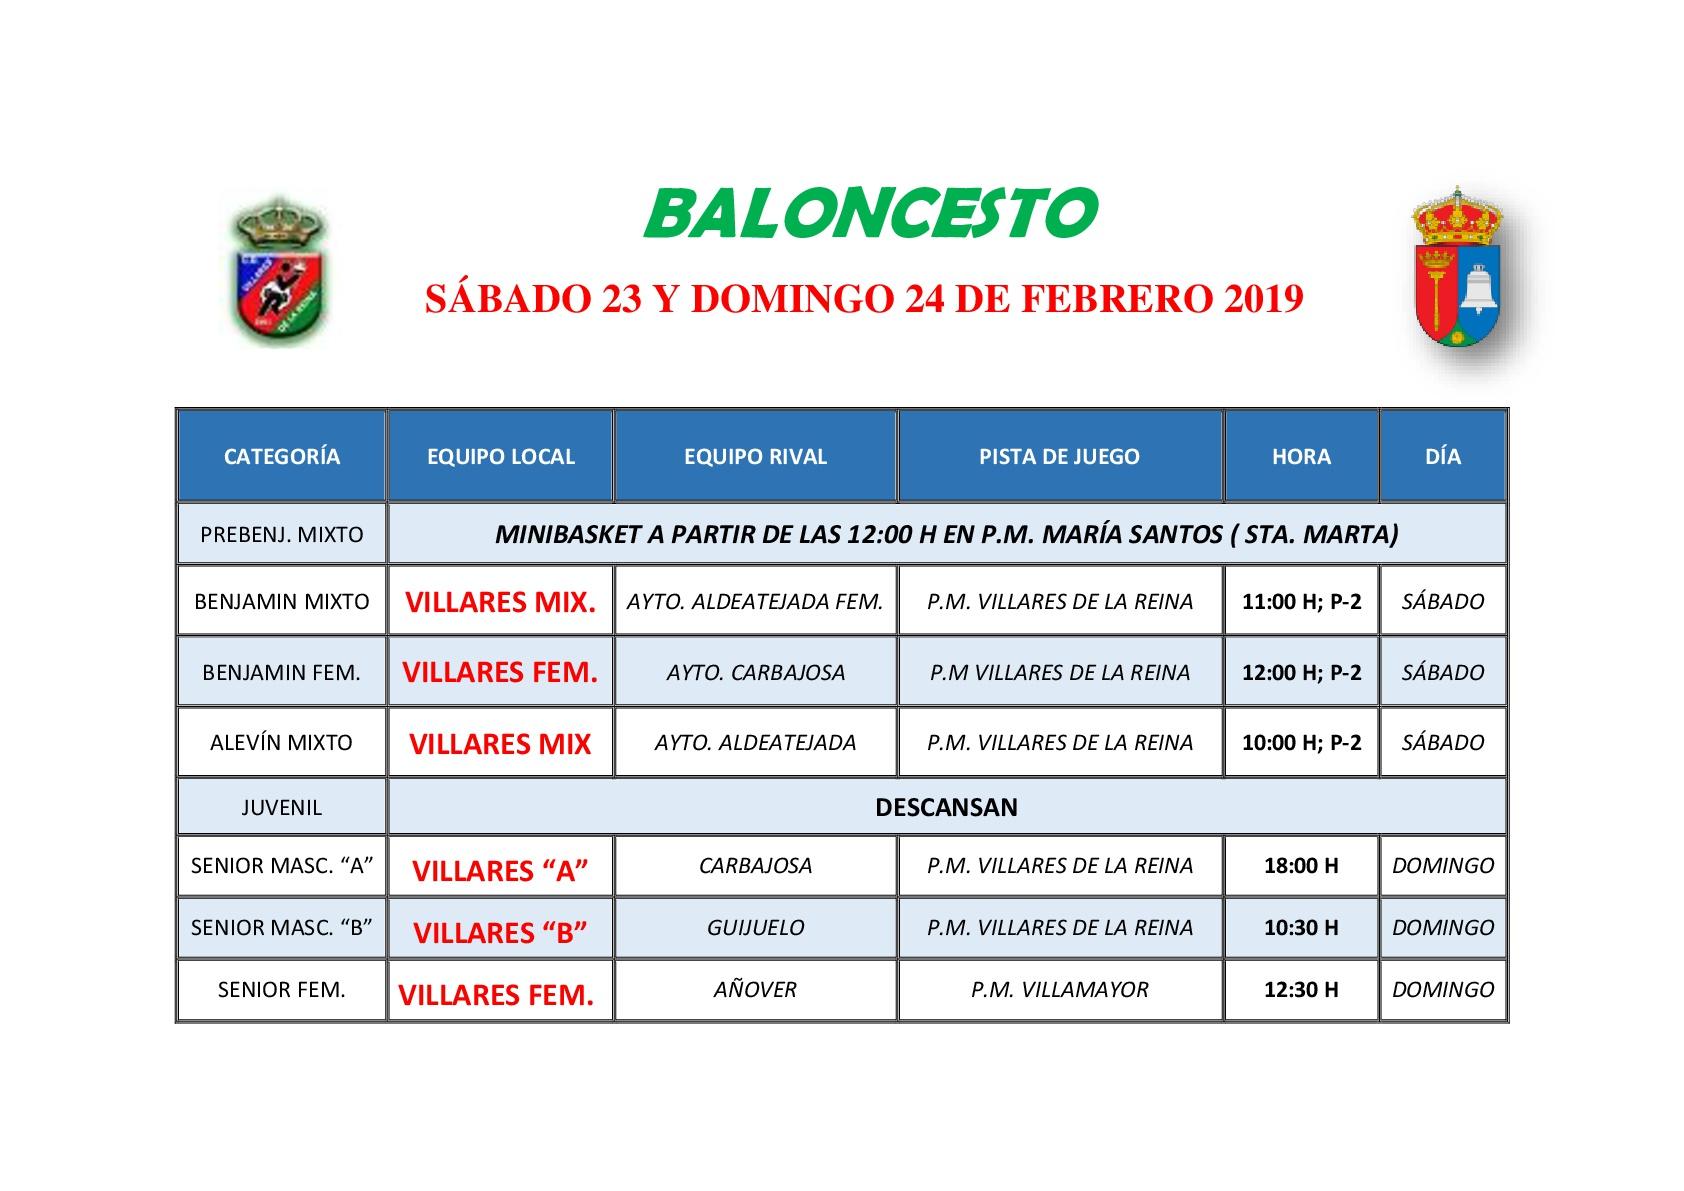 HORARIOS DE BALONCESTO S�BADO 23 Y DOMINGO 24 DE FEBRERO